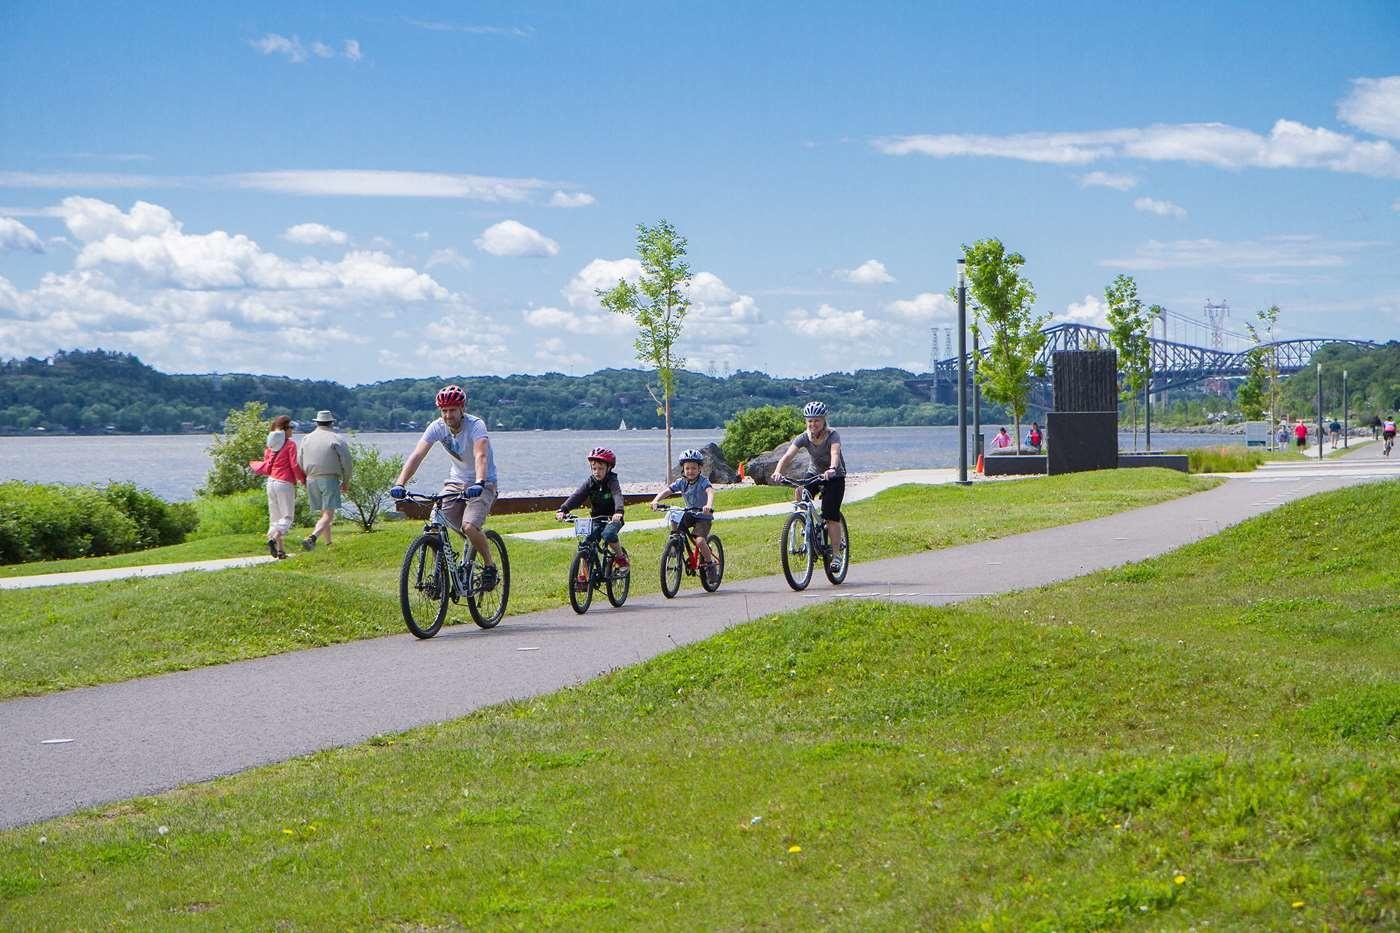 Tour guidé à vélo Québec au fil de l'eau, 65$